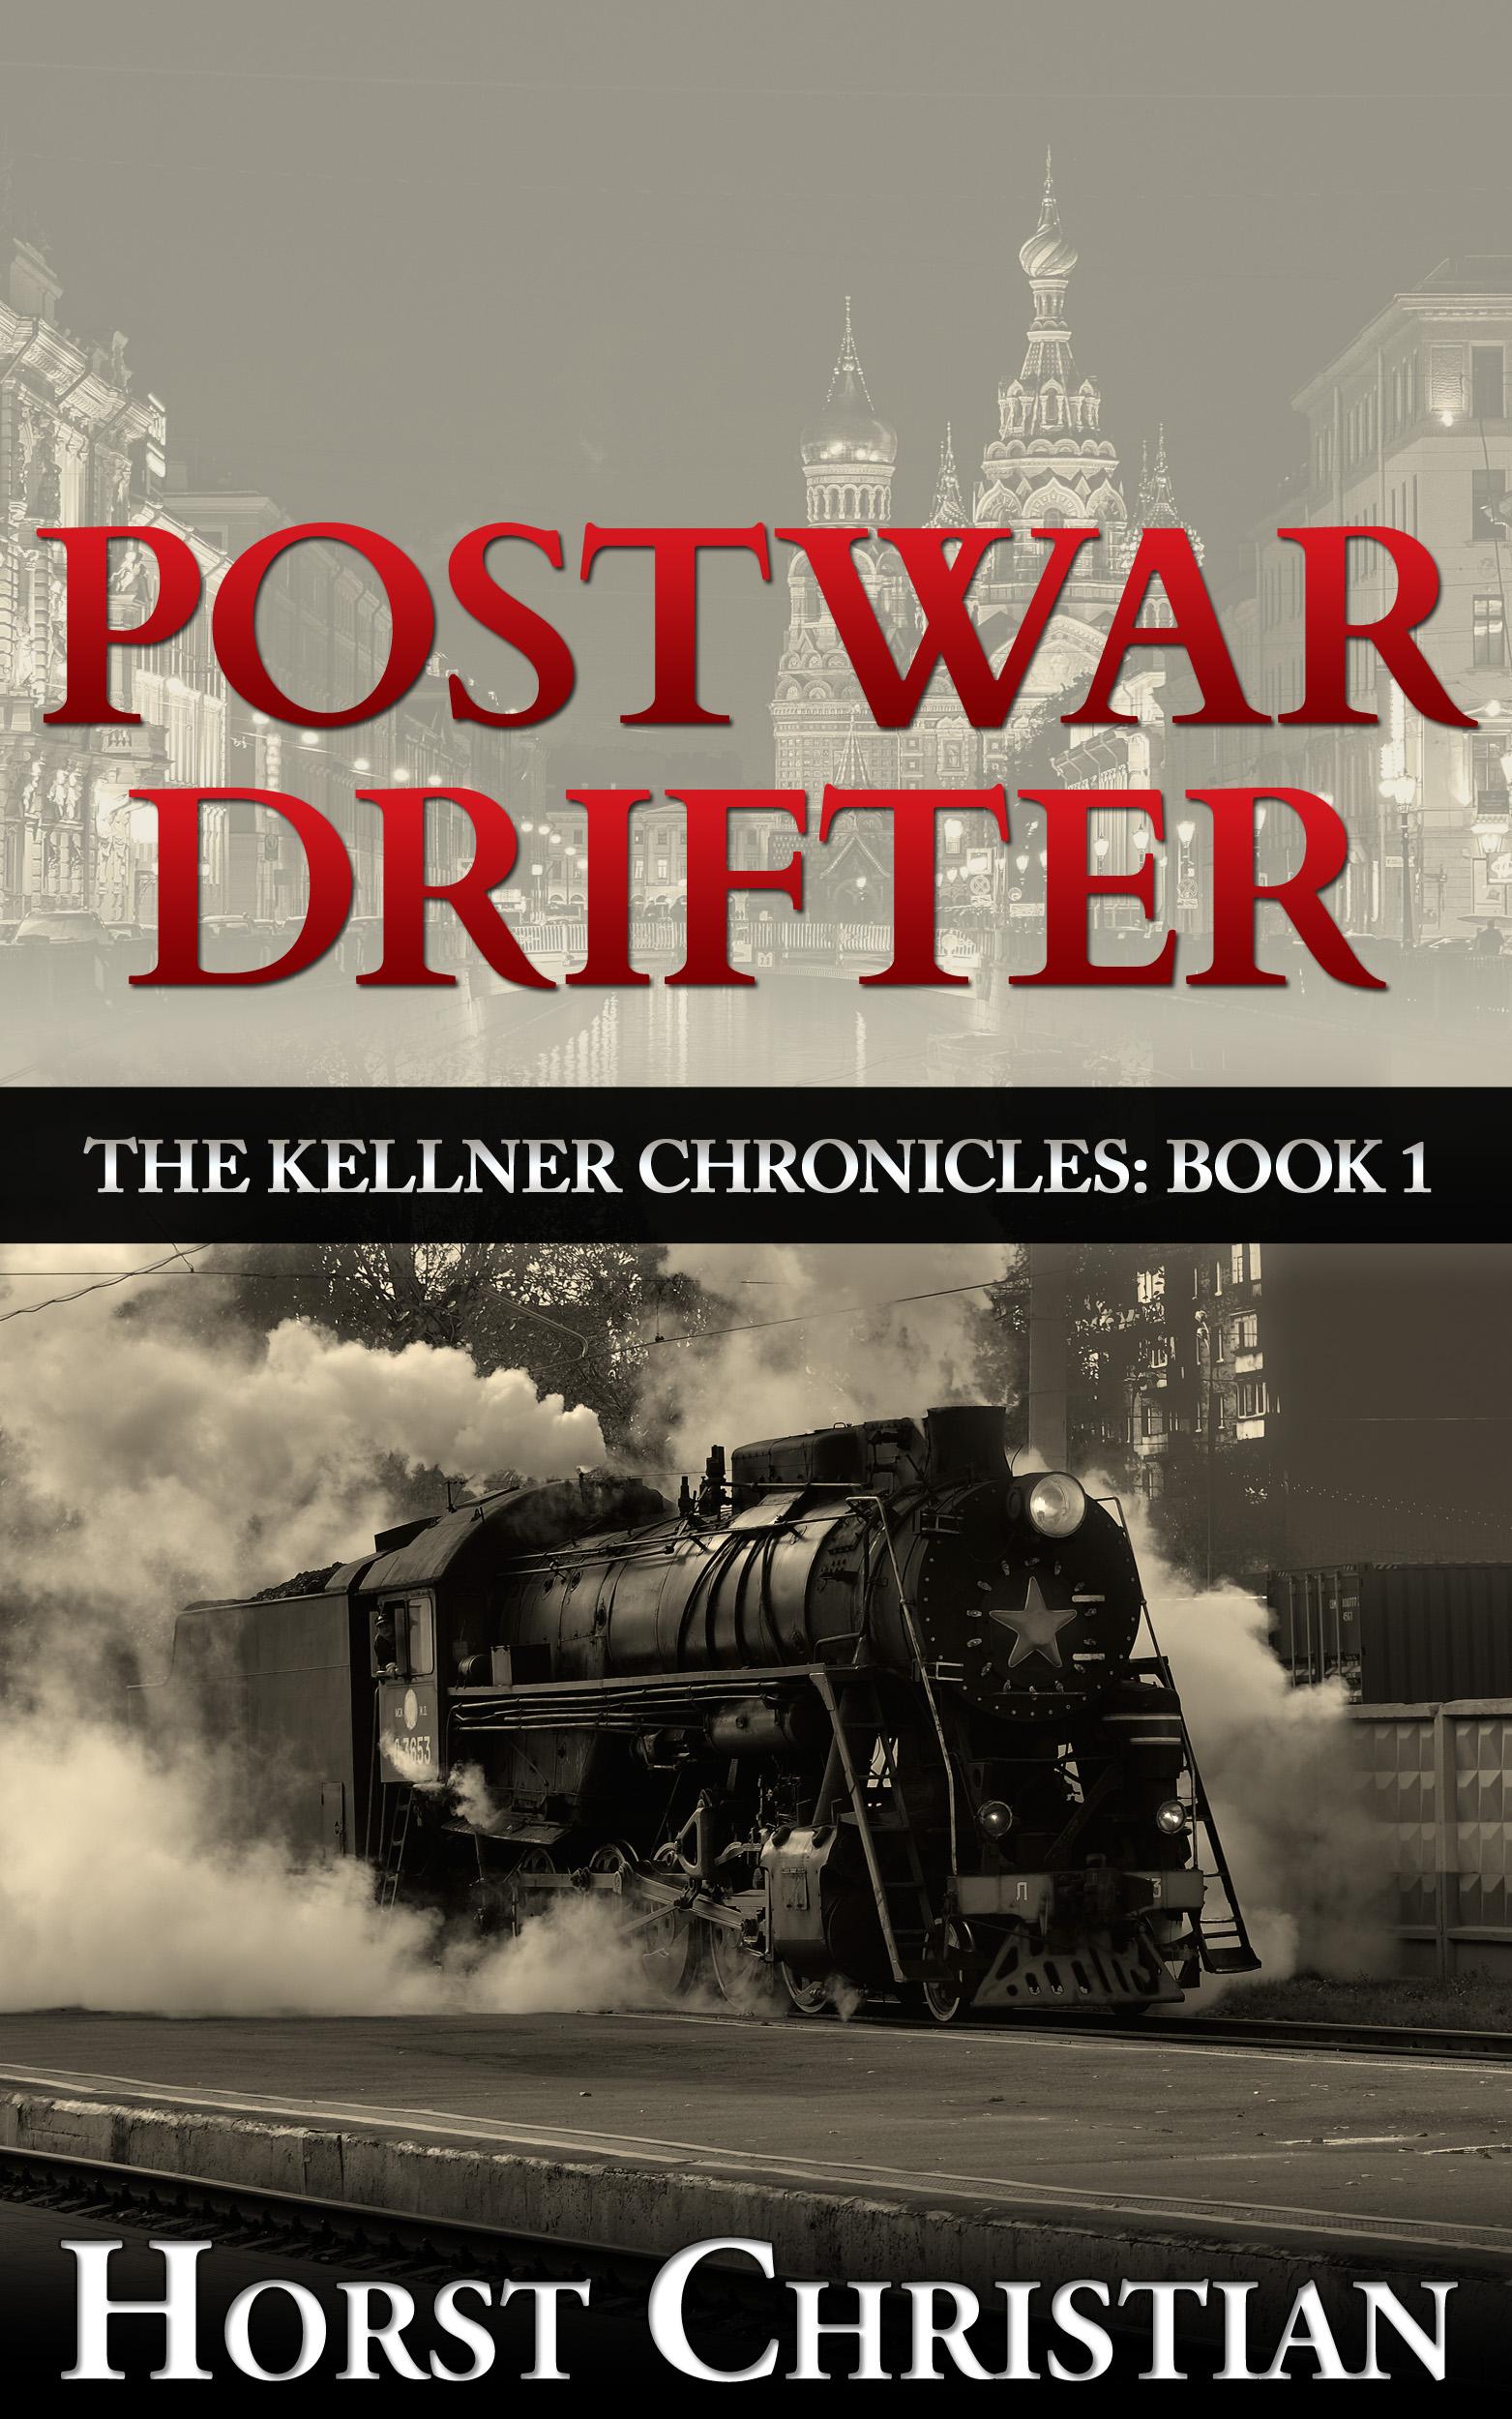 Postwar Drifter